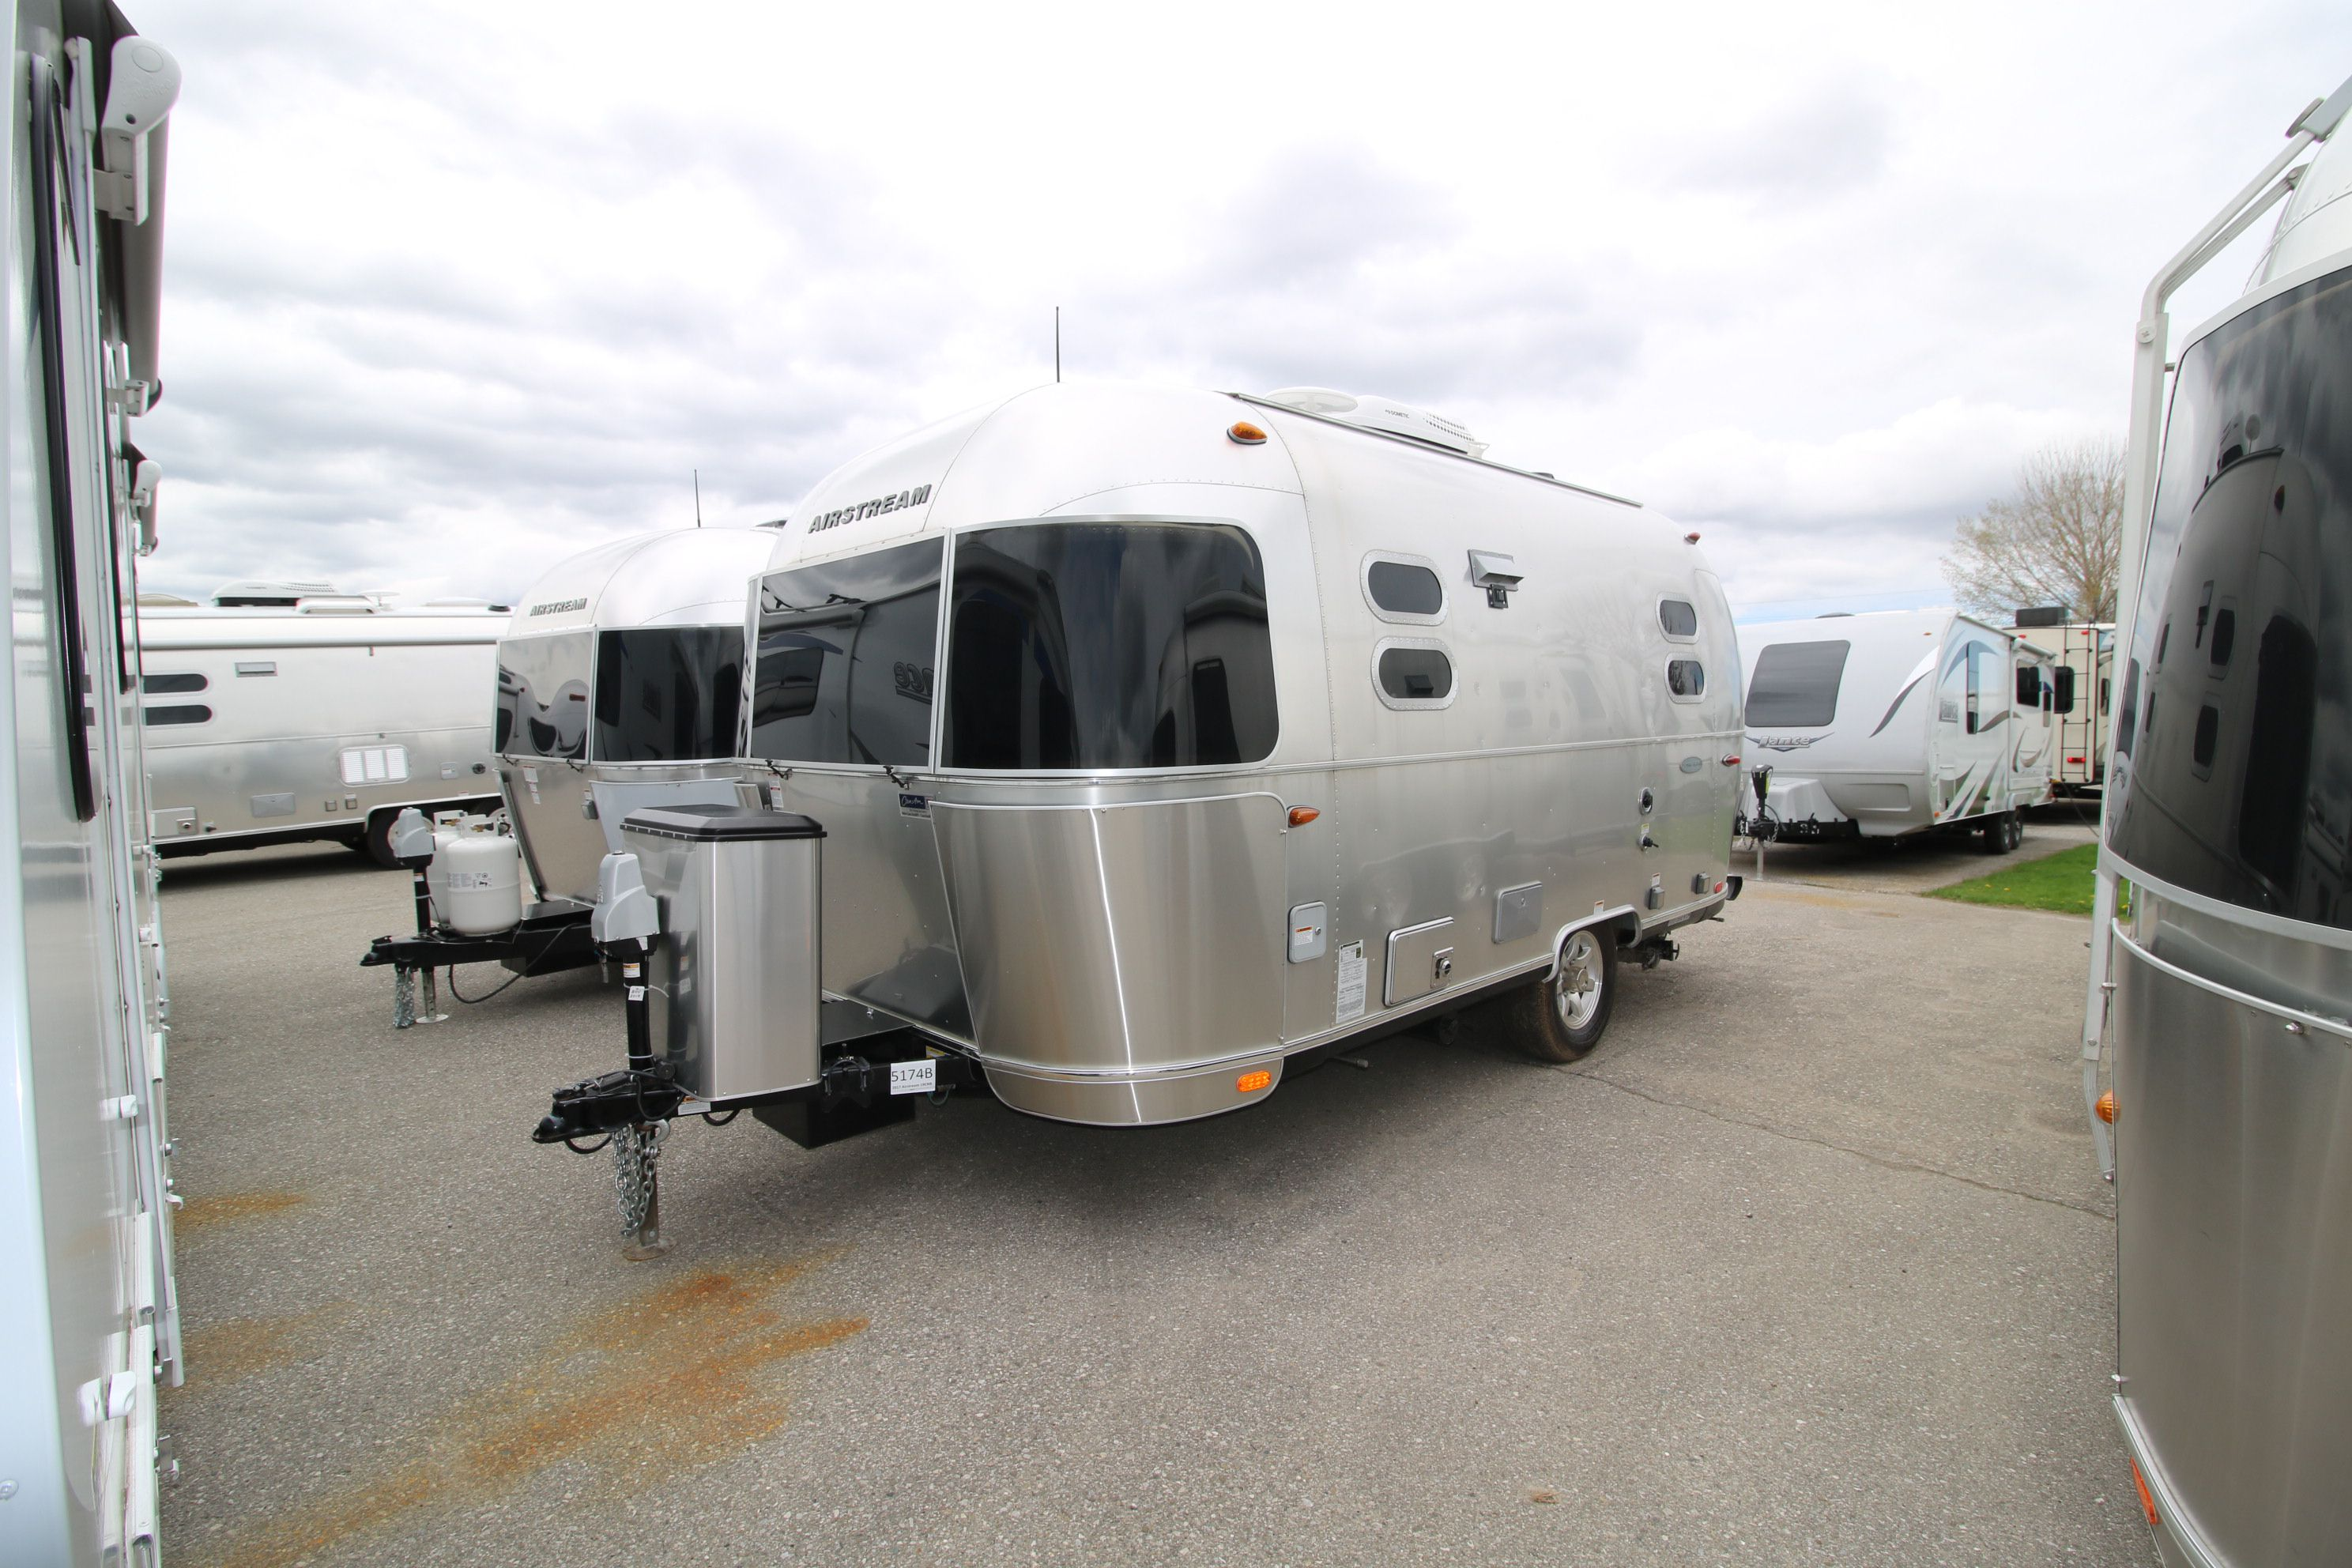 Airstream Travel Trailers - Airstream of Ontario